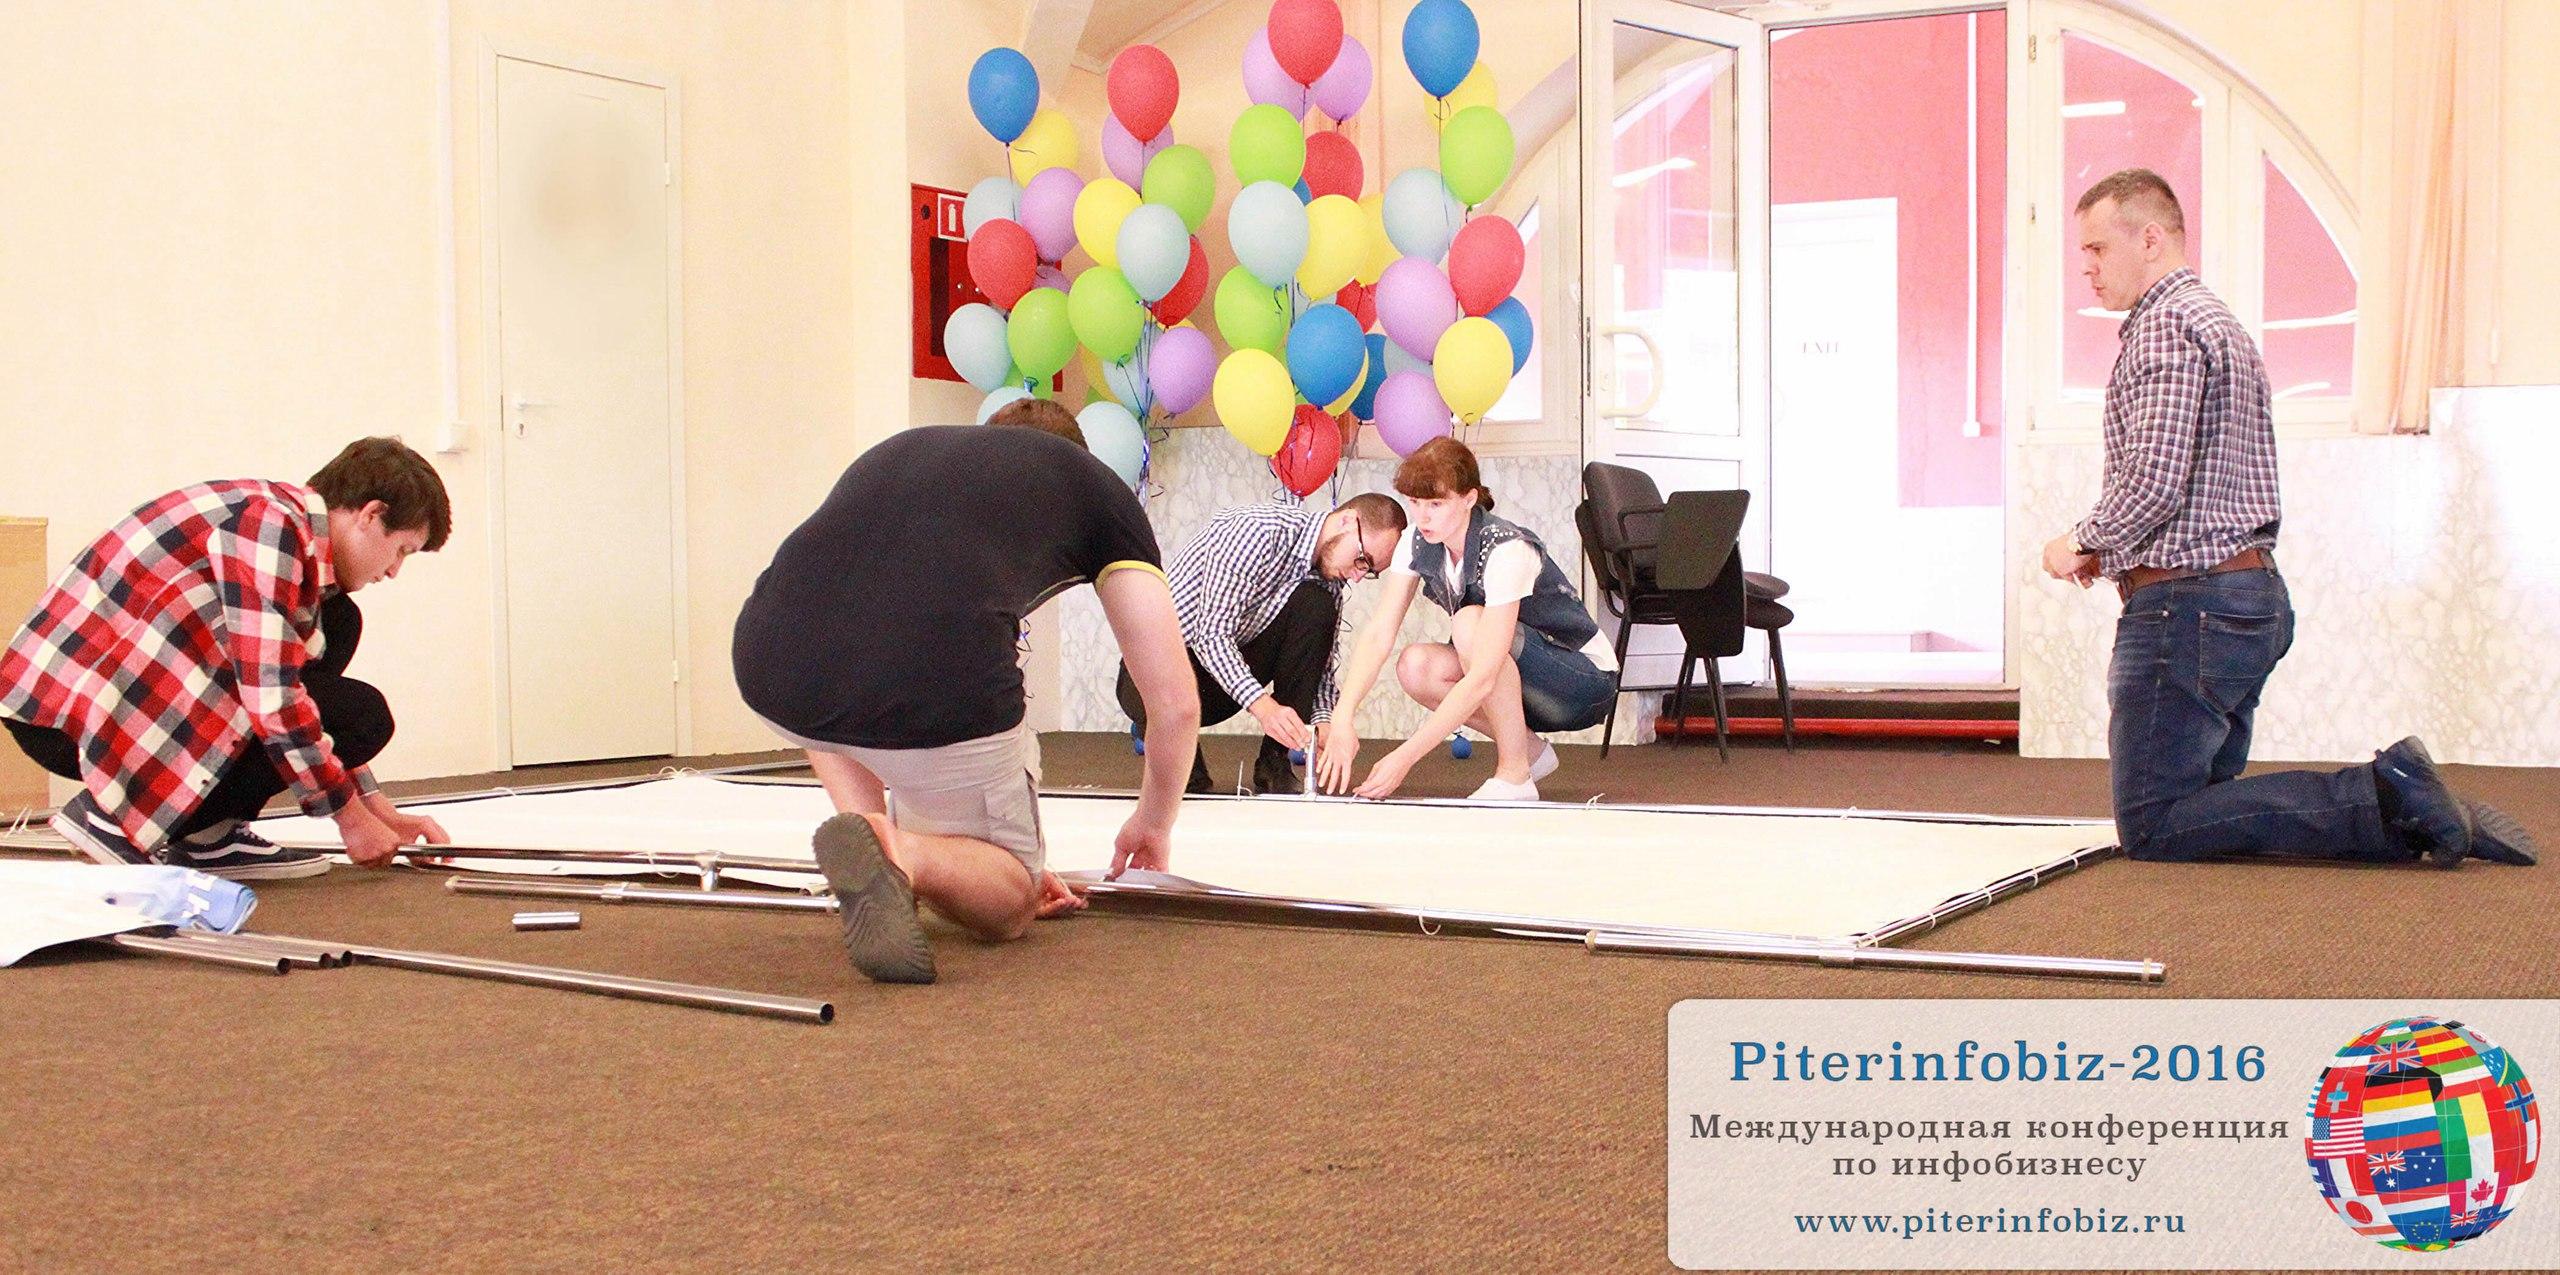 Приготовления к конференции питеринфобиз 2016 - установка стенда